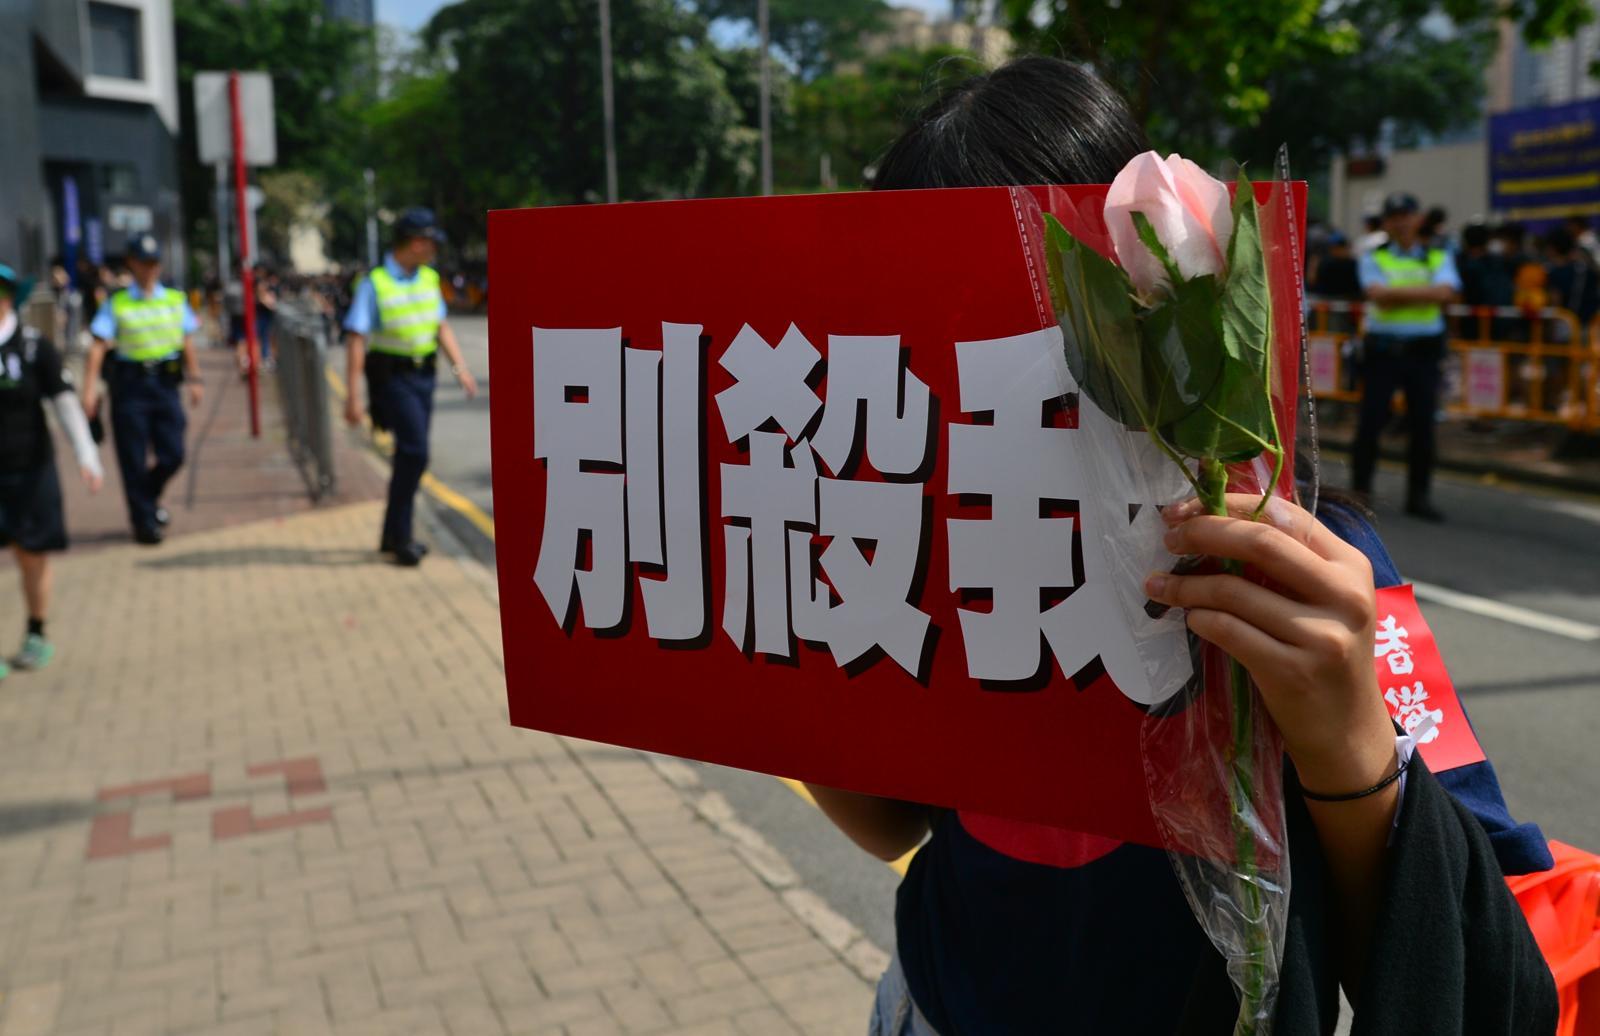 市民抗議警方使用過份武力對待示威者。